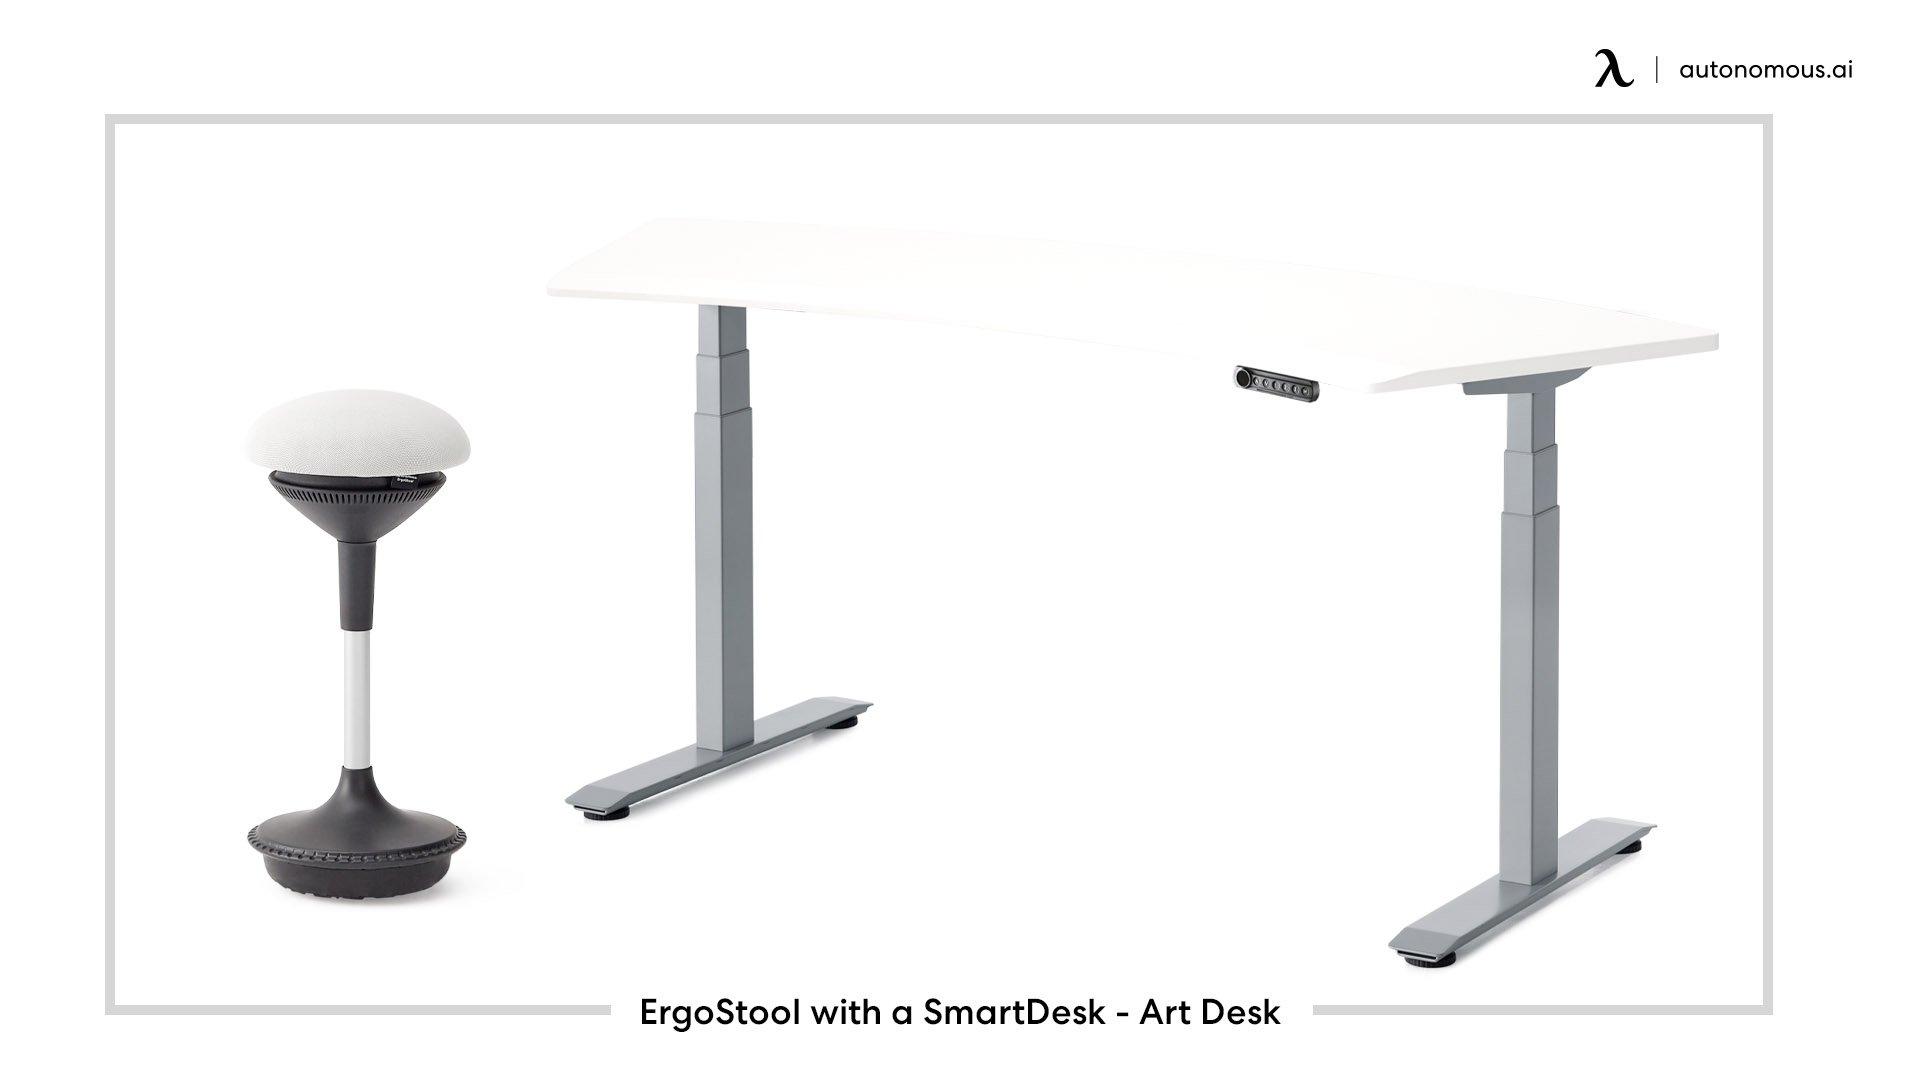 ErgoStool with a SmartDesk 3